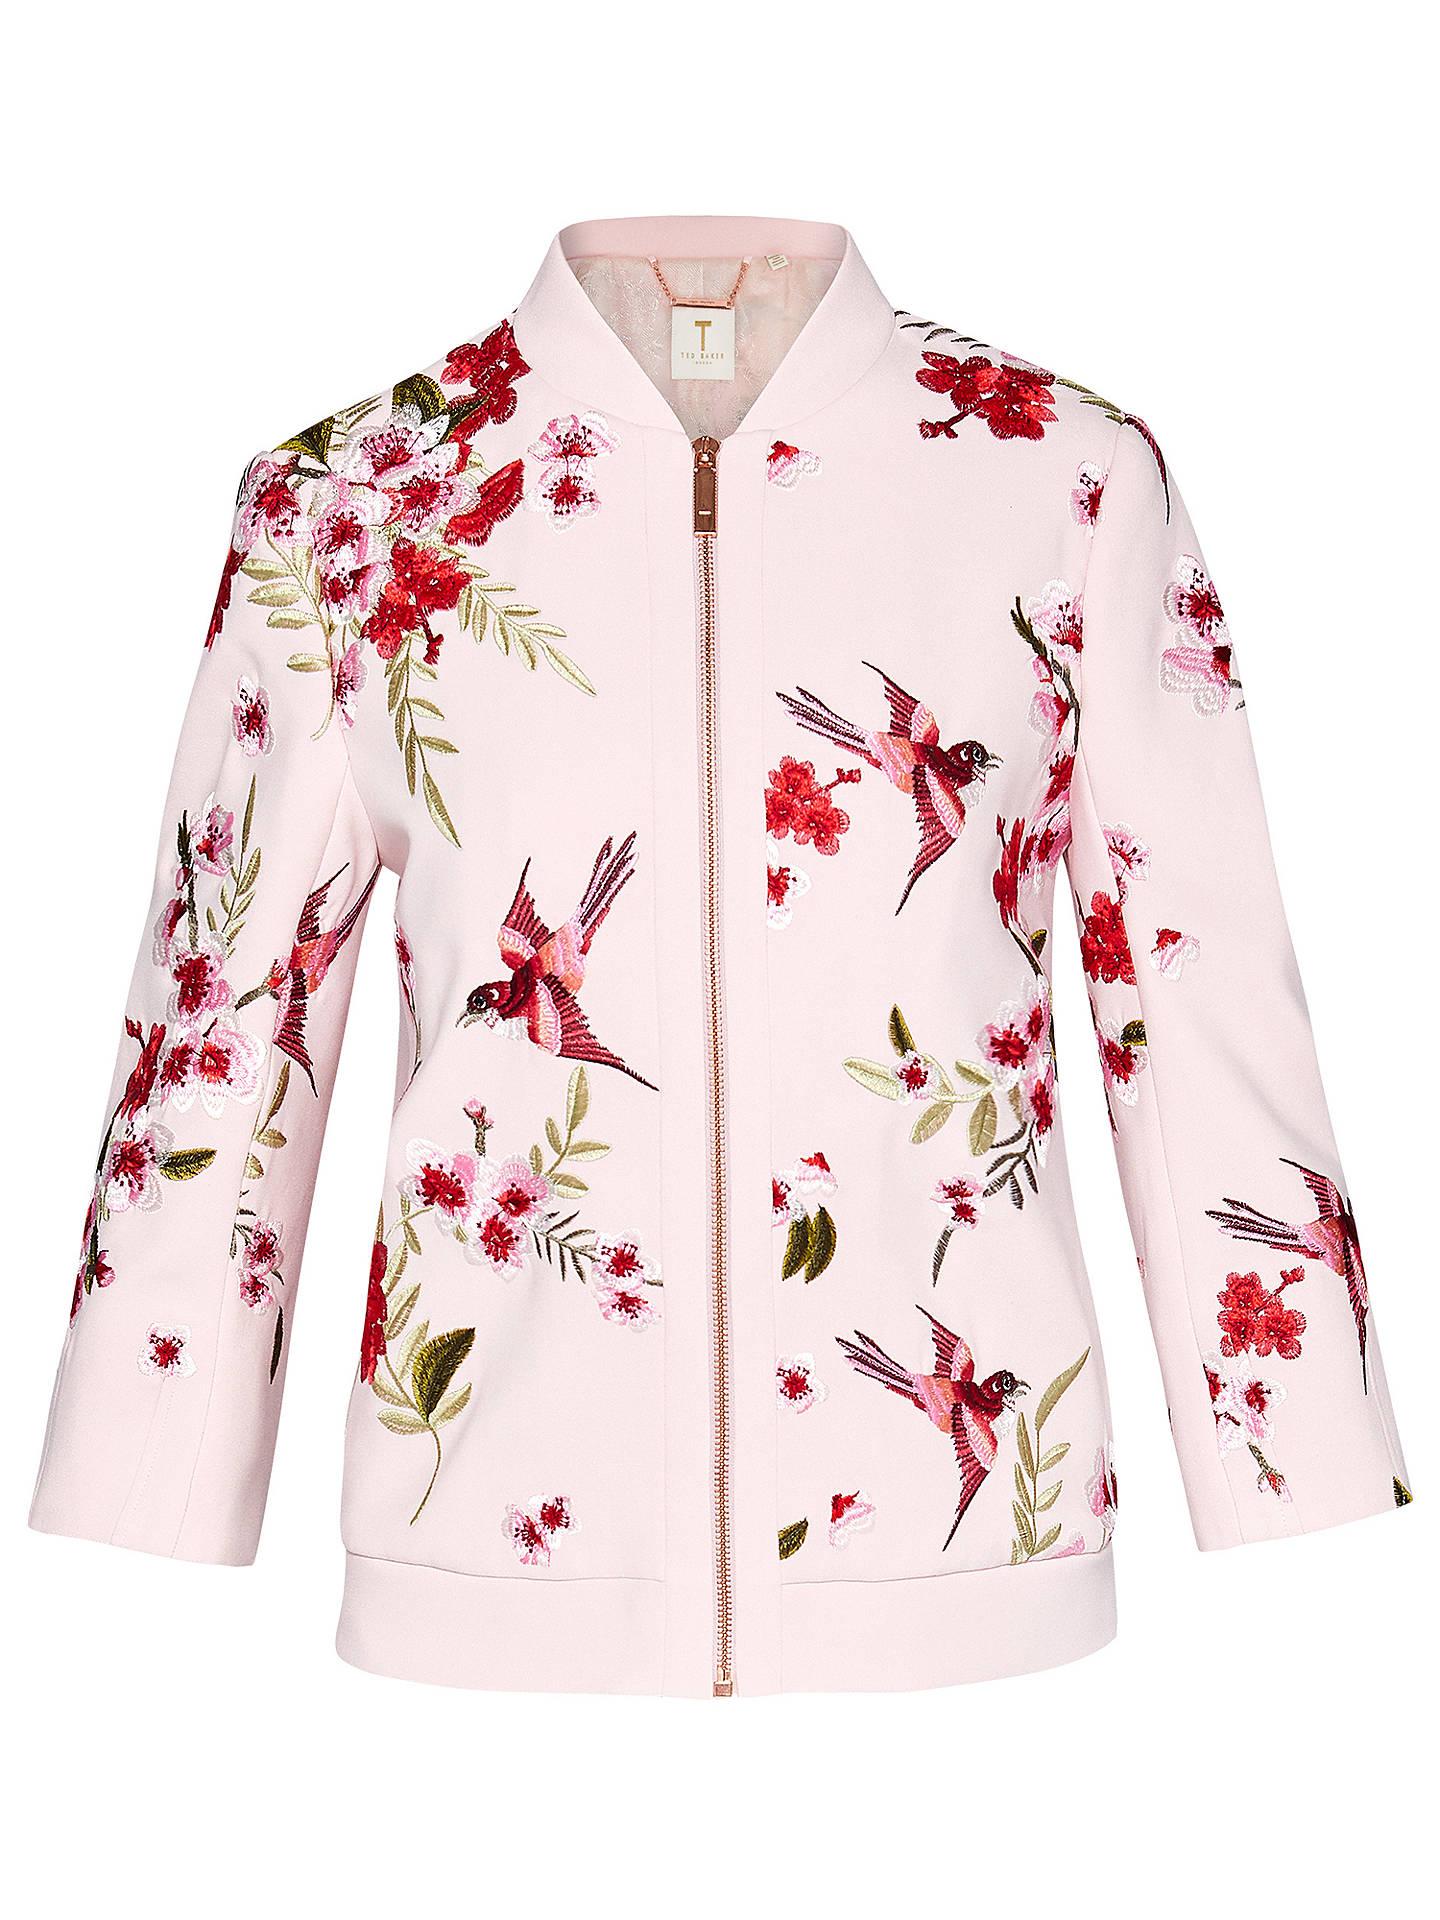 0376bf69a57ff0 ... Buy Ted Baker Leelah Soft Blossom Bomber Jacket